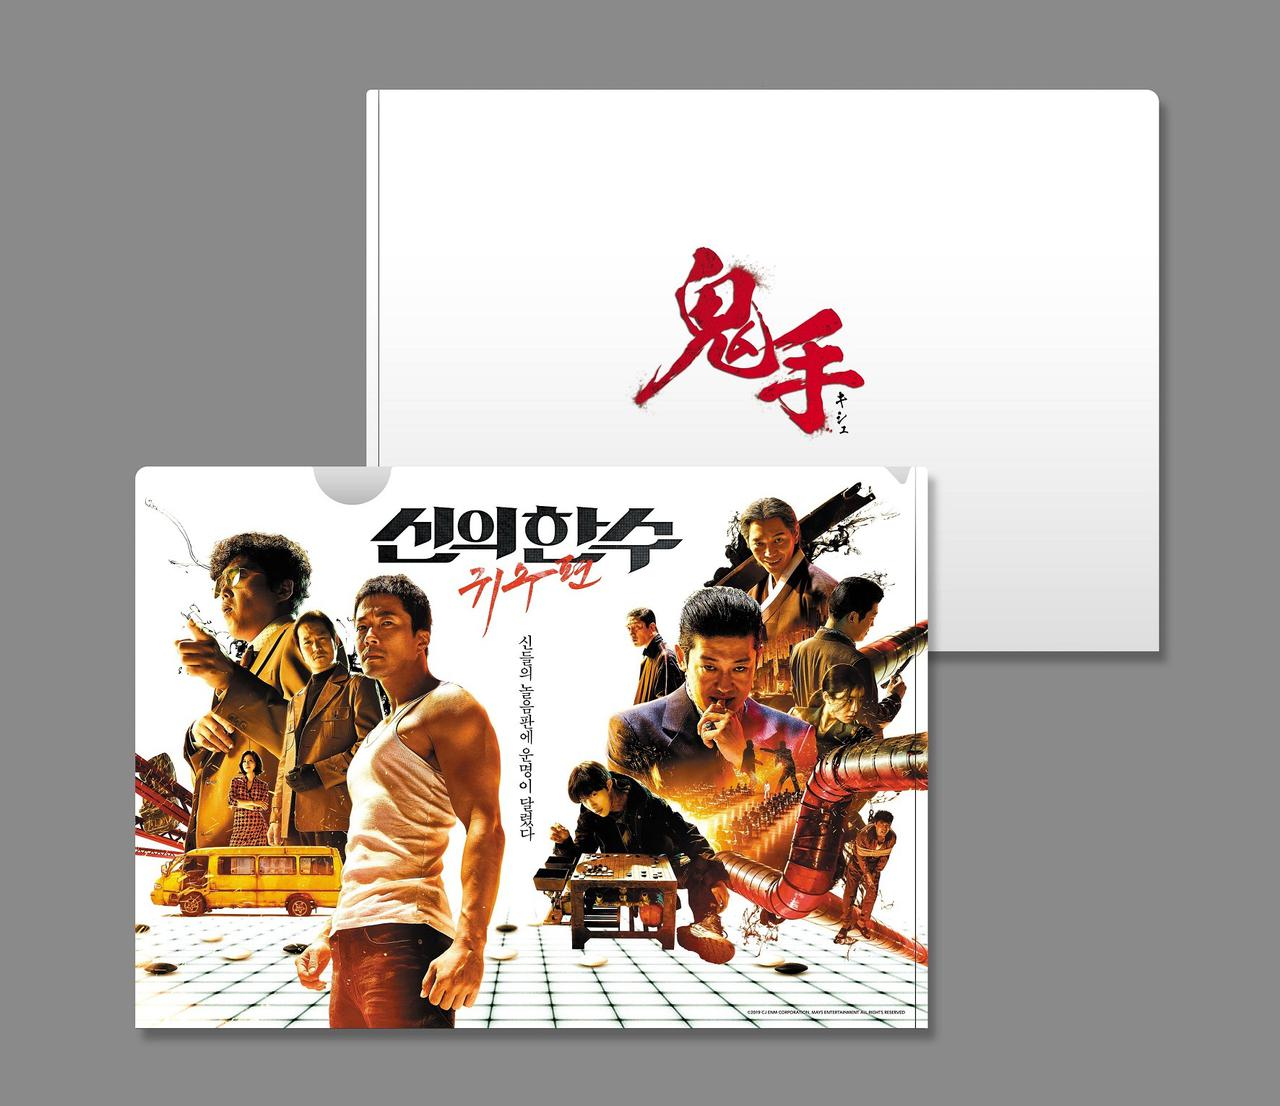 画像2: 予告編!韓国映画界が誇る俳優陣が集結-クォン・サンウ主演の壮絶な韓国ノワール『鬼手』